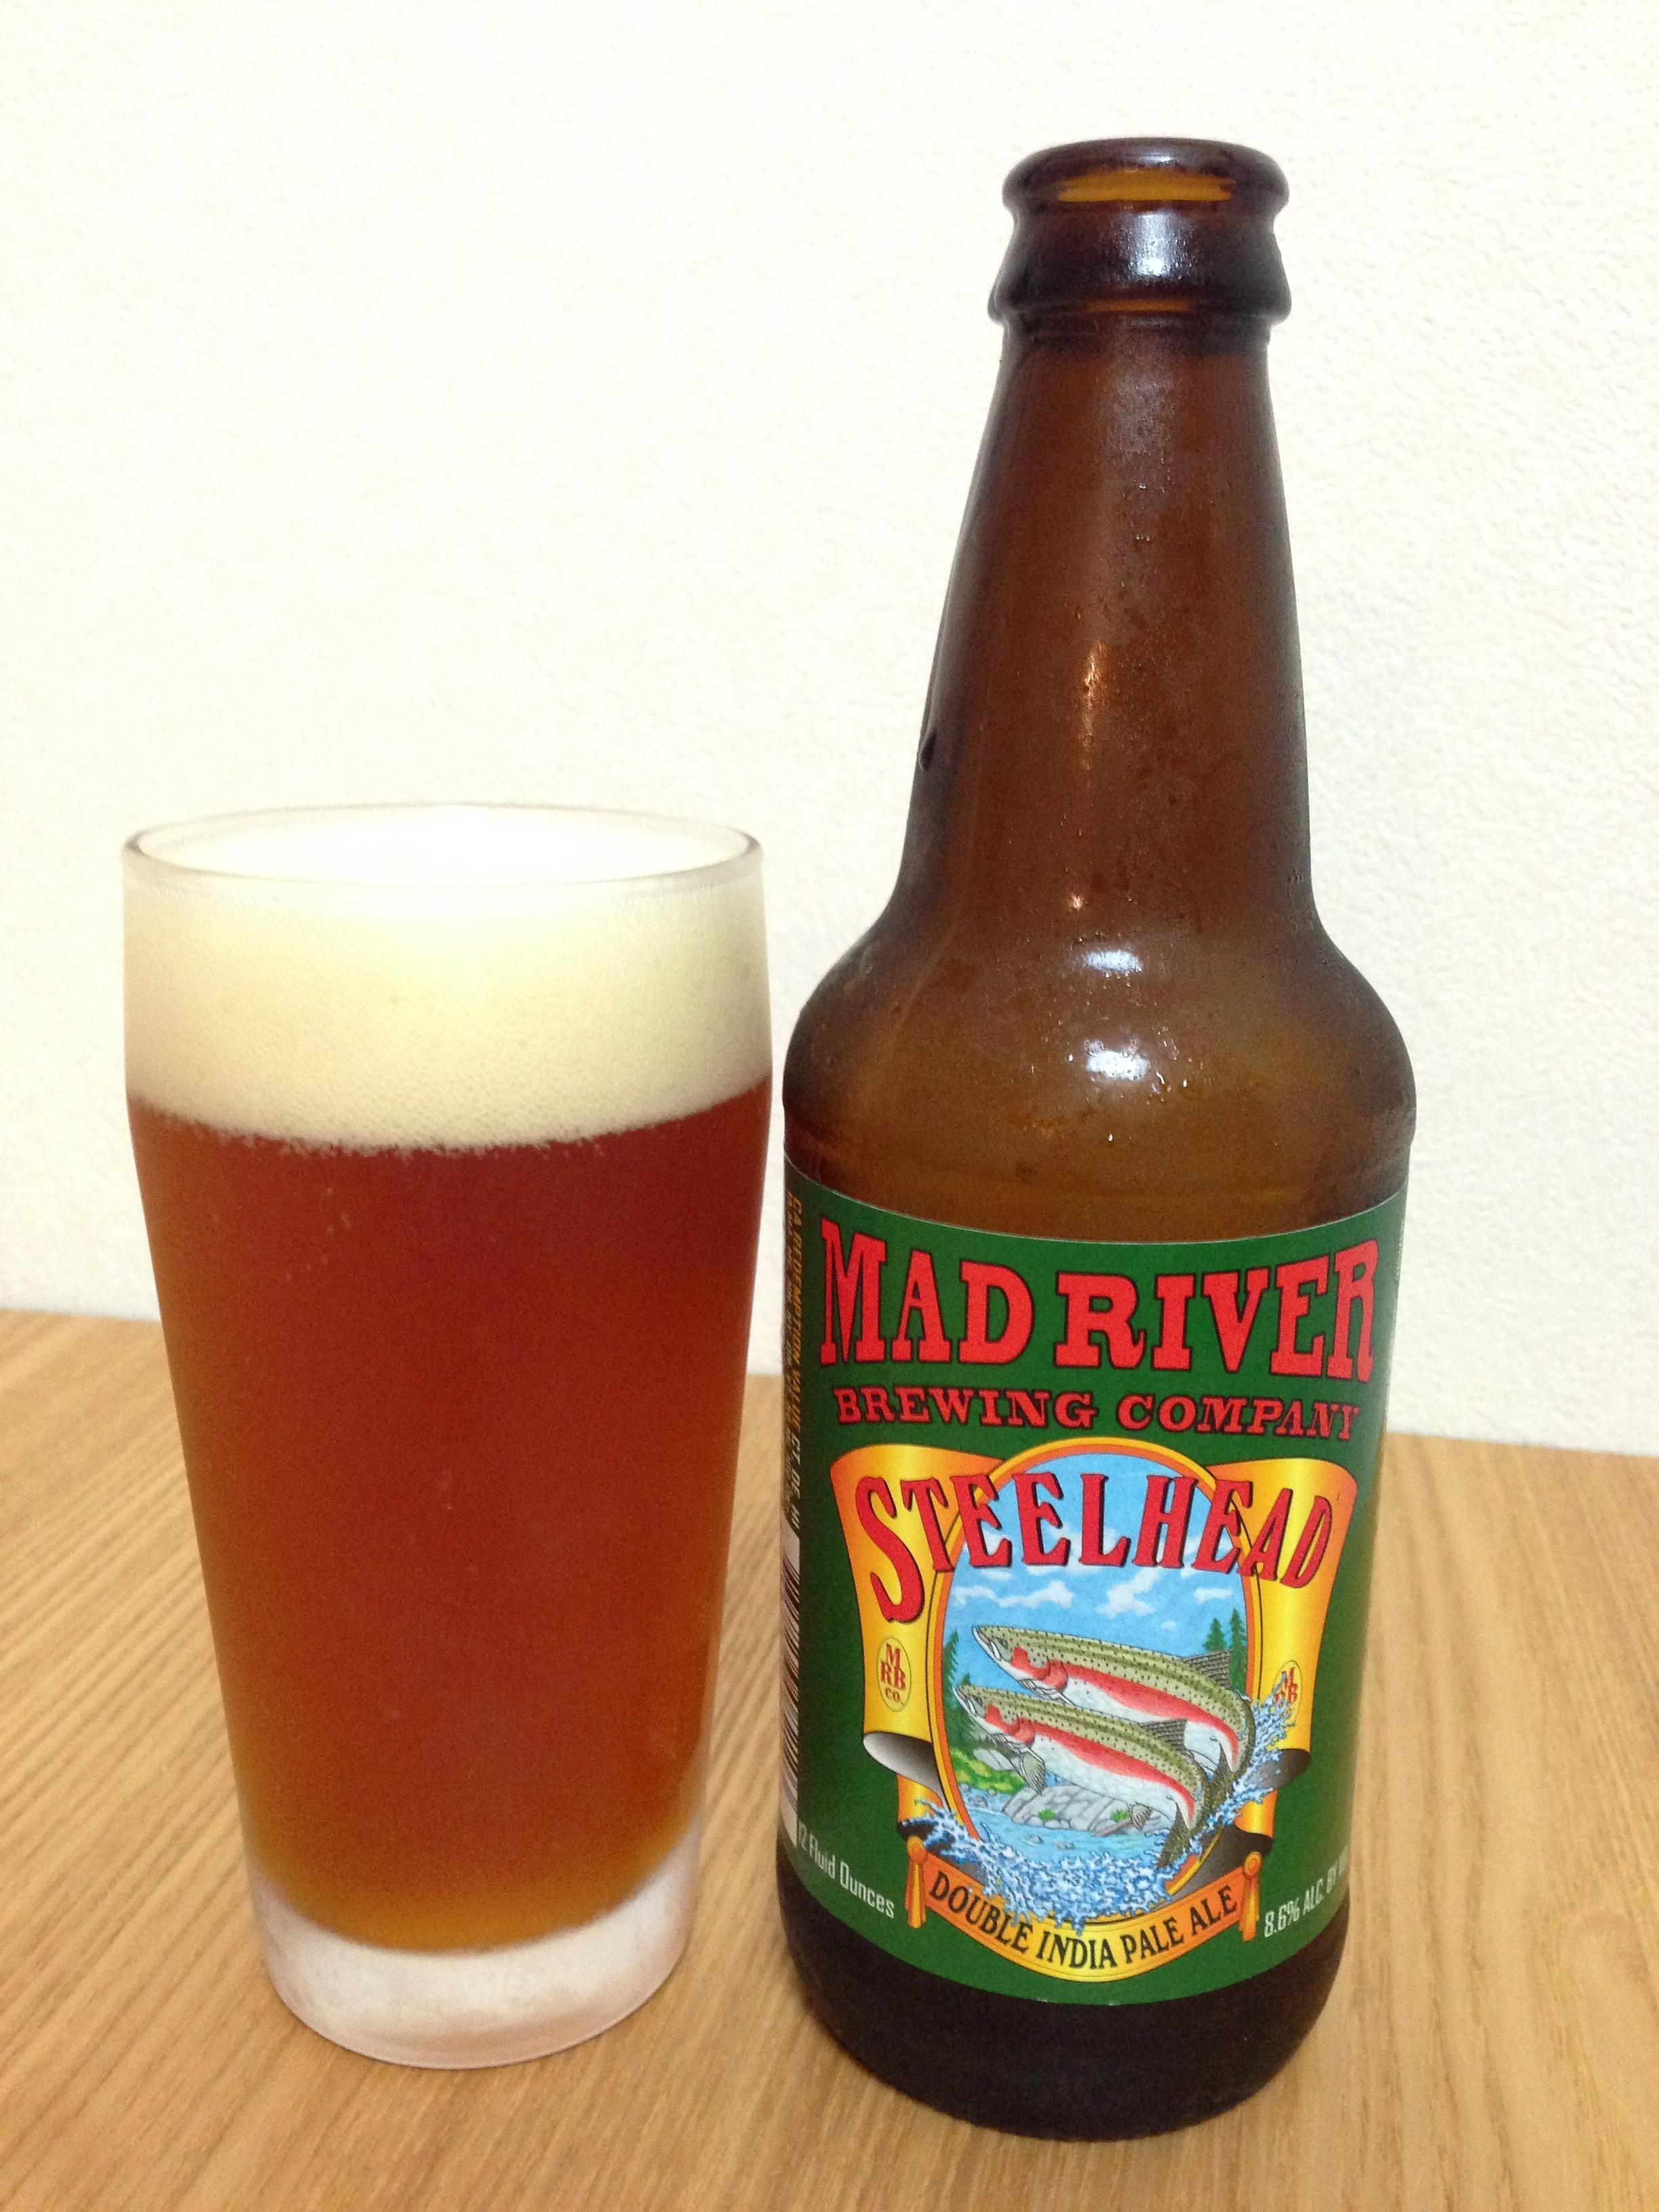 MAD RIVER STEELHEAD DOUBLE IPA(スティールヘッド ダブルIPA)